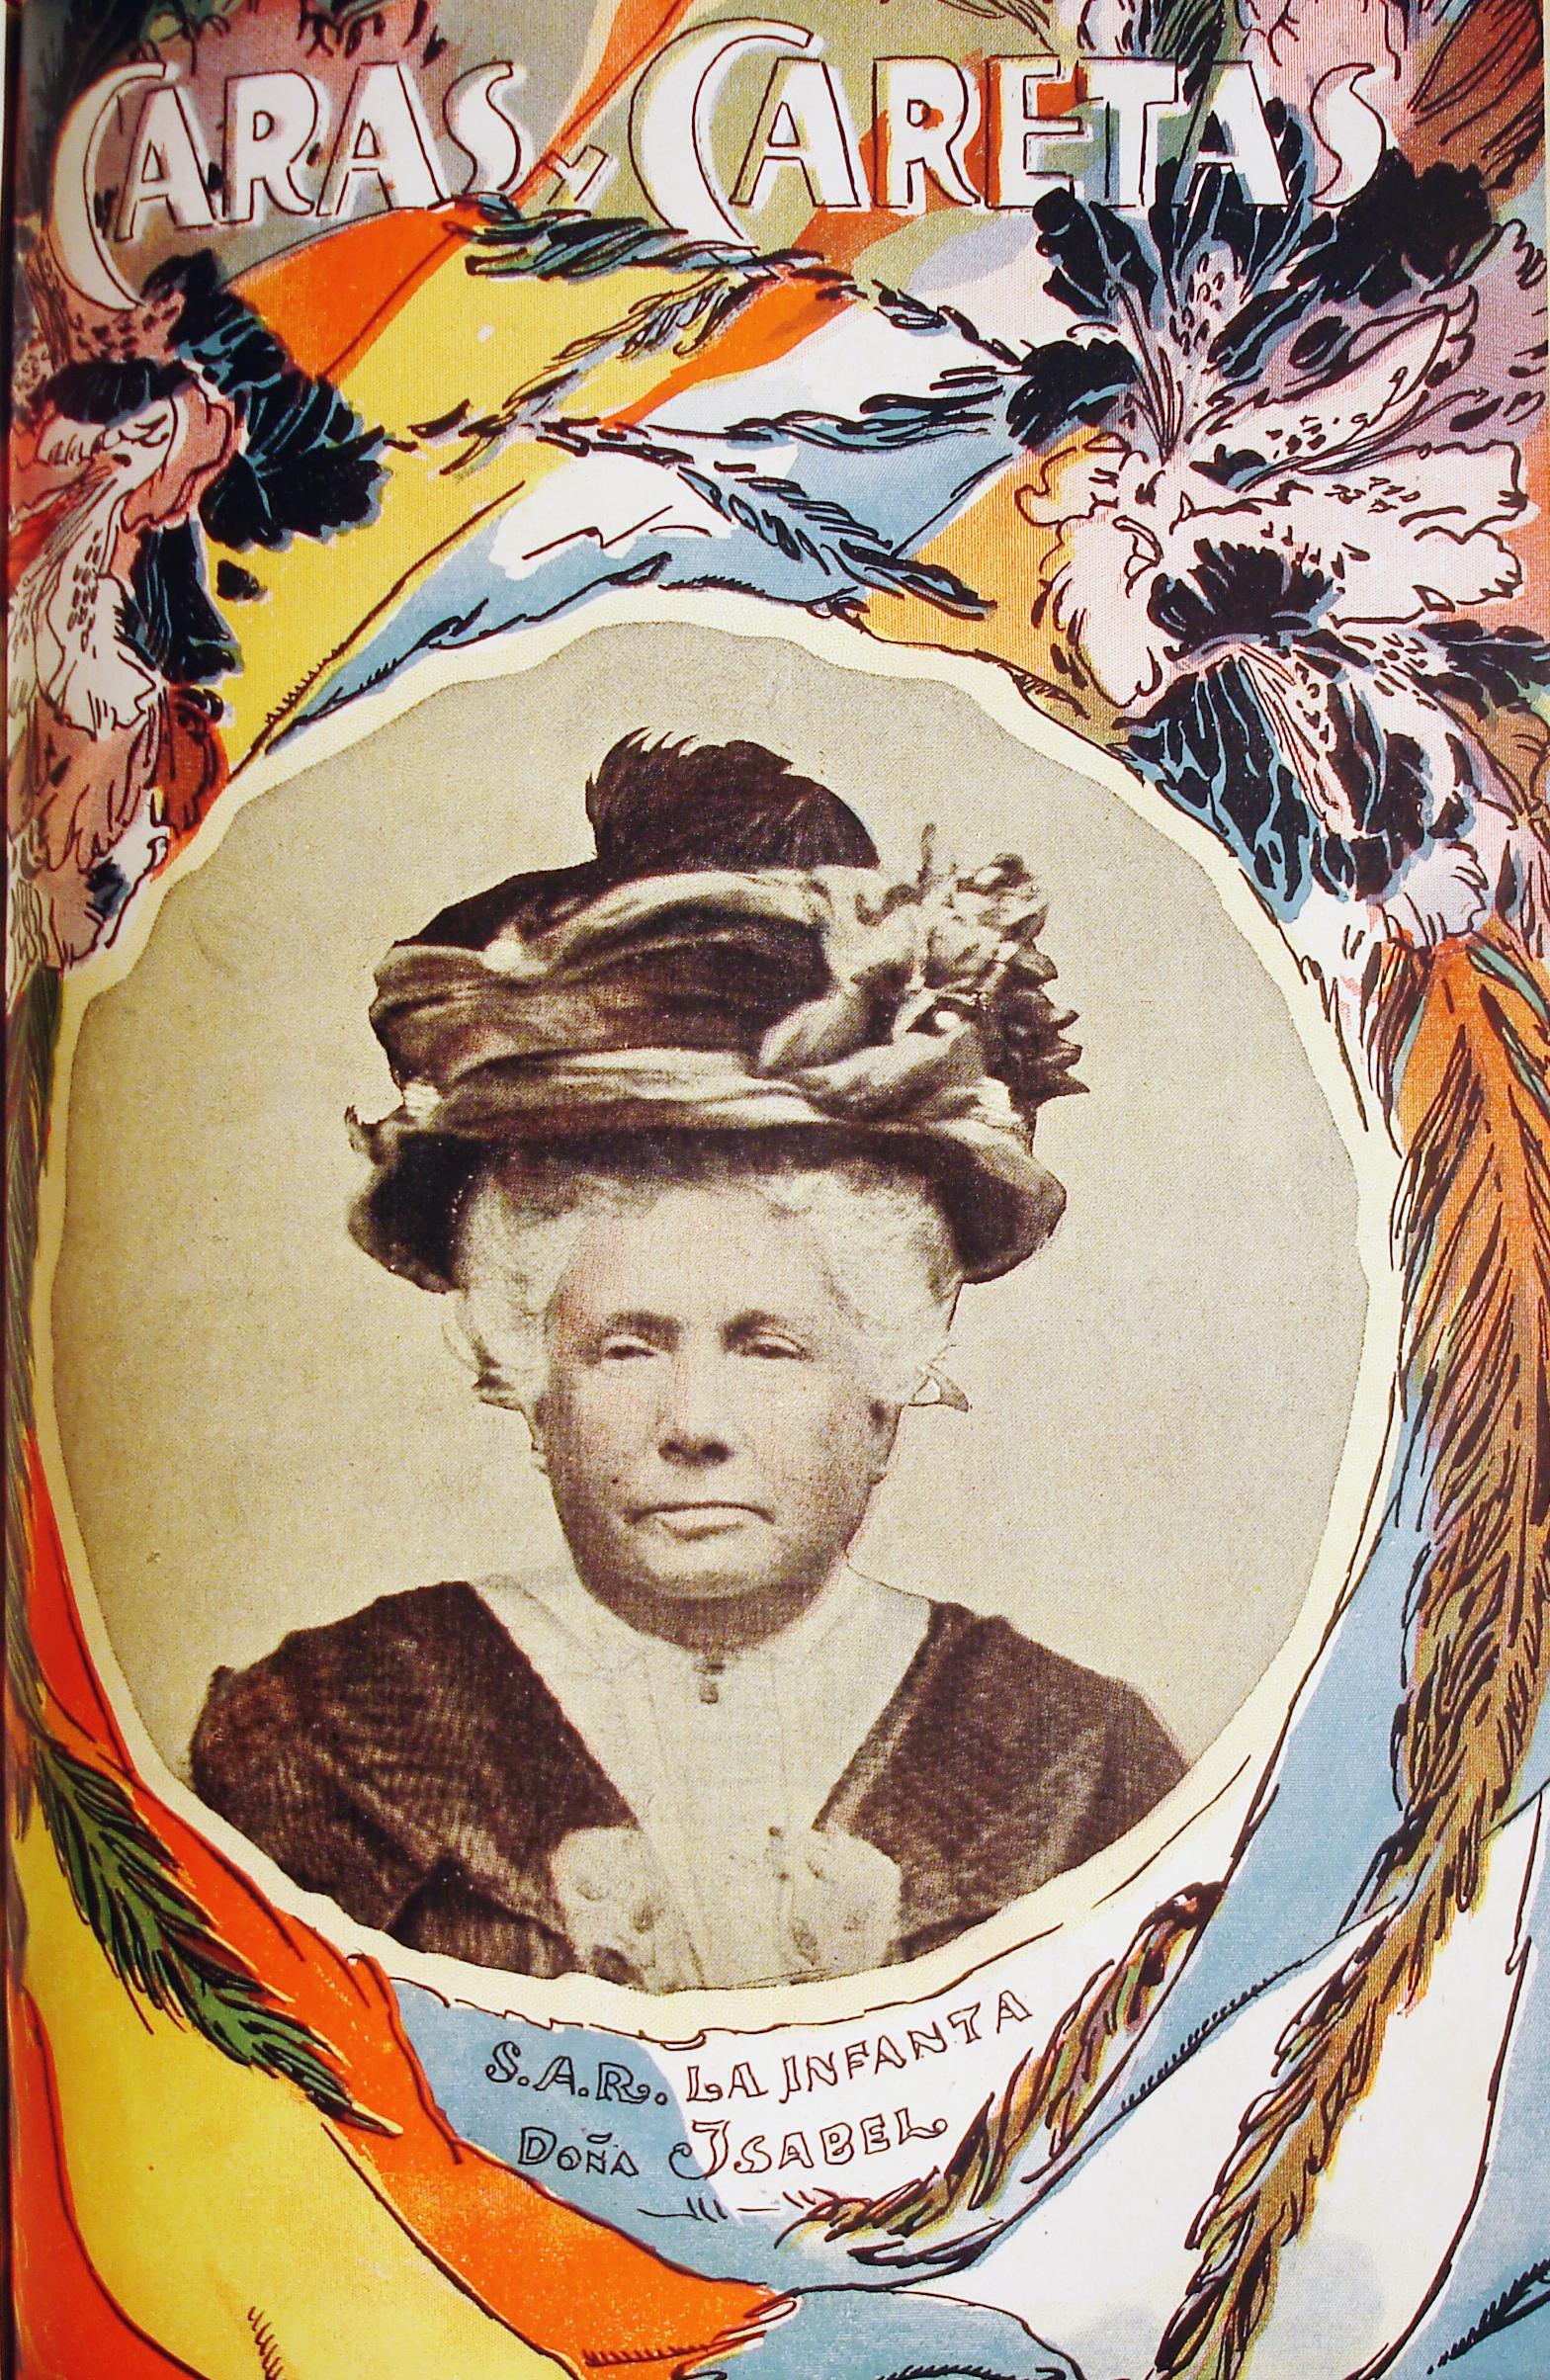 Anónimo Visita de la infanta Isabel en el Centenario, 1910 Revista Caras y Caretas, Buenos Aires Col. Museo de la Ciudad, Buenos Aires